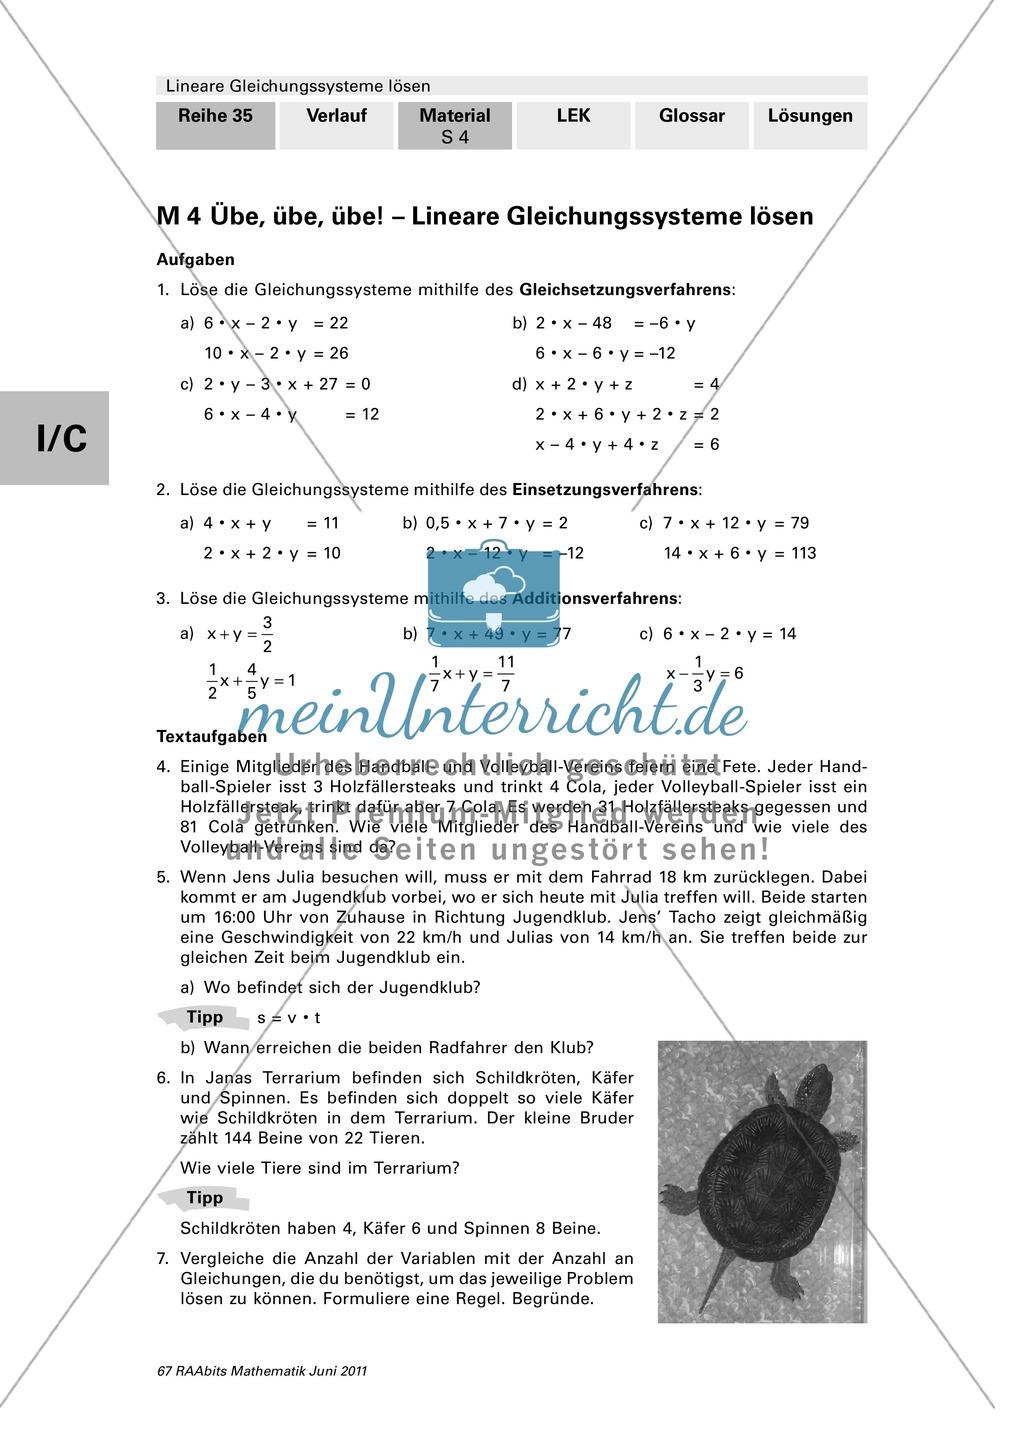 Lineare Gleichungssysteme: Vermischte Aufgaben zum Üben und ...